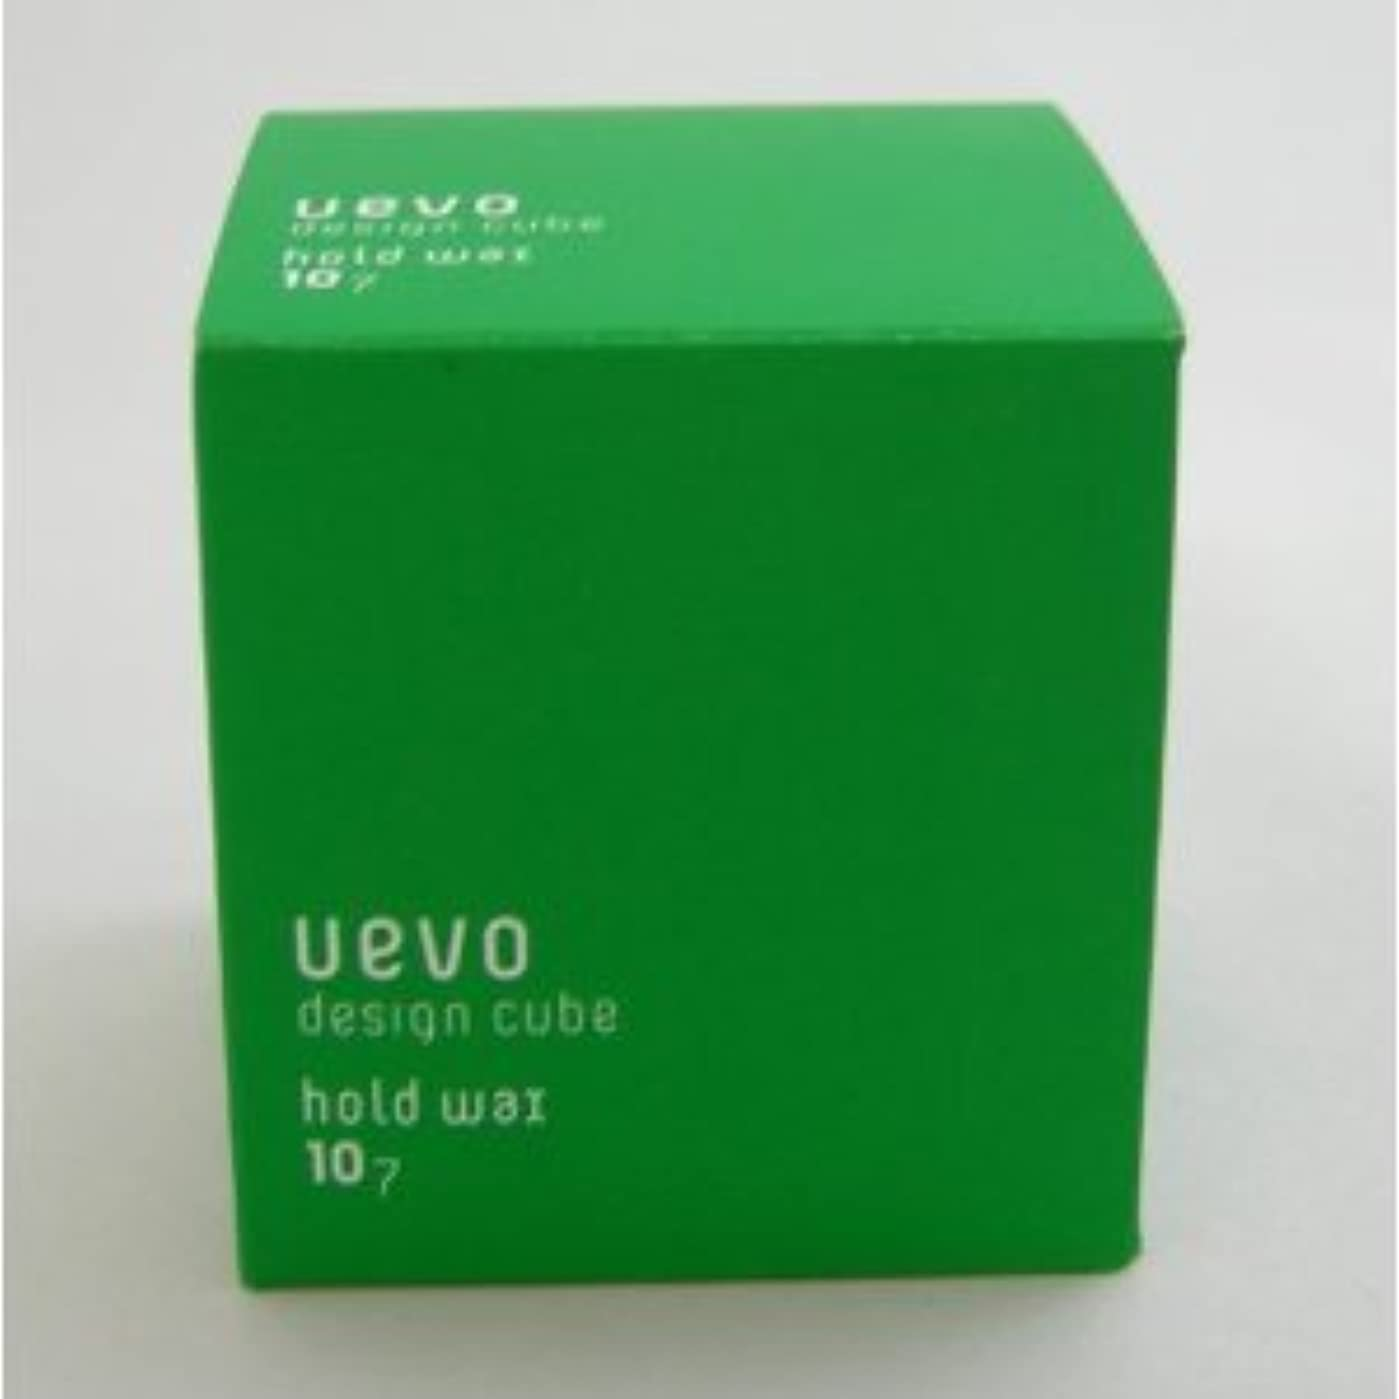 危険誇りに思うつぶやき【X3個セット】 デミ ウェーボ デザインキューブ ホールドワックス 80g hold wax